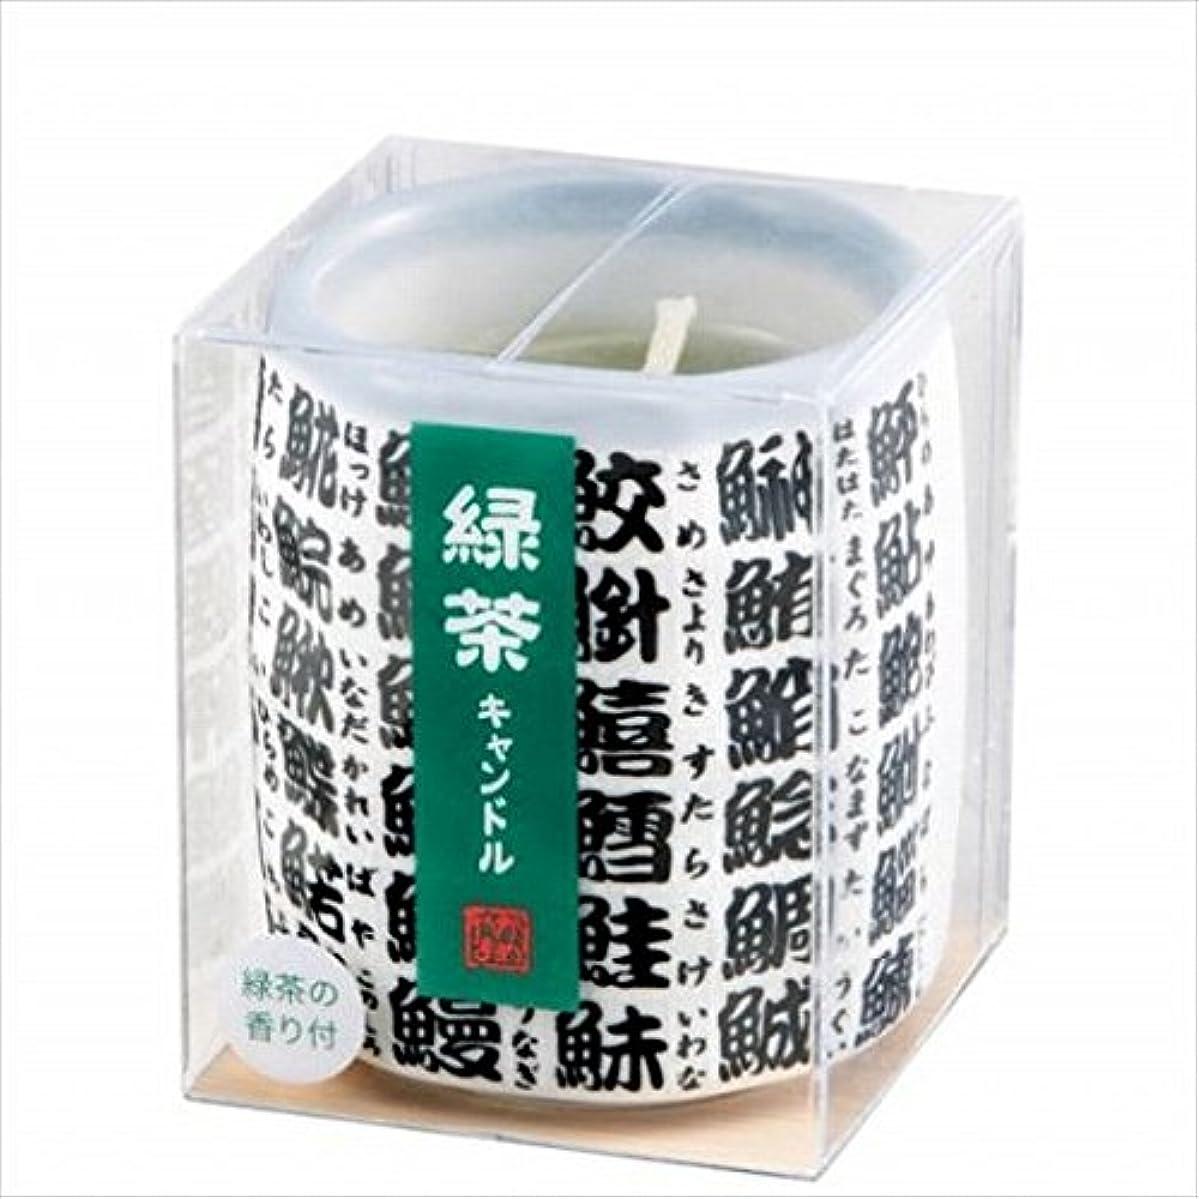 コマース家庭曲げるkameyama candle(カメヤマキャンドル) 緑茶キャンドル(小)(86070010)